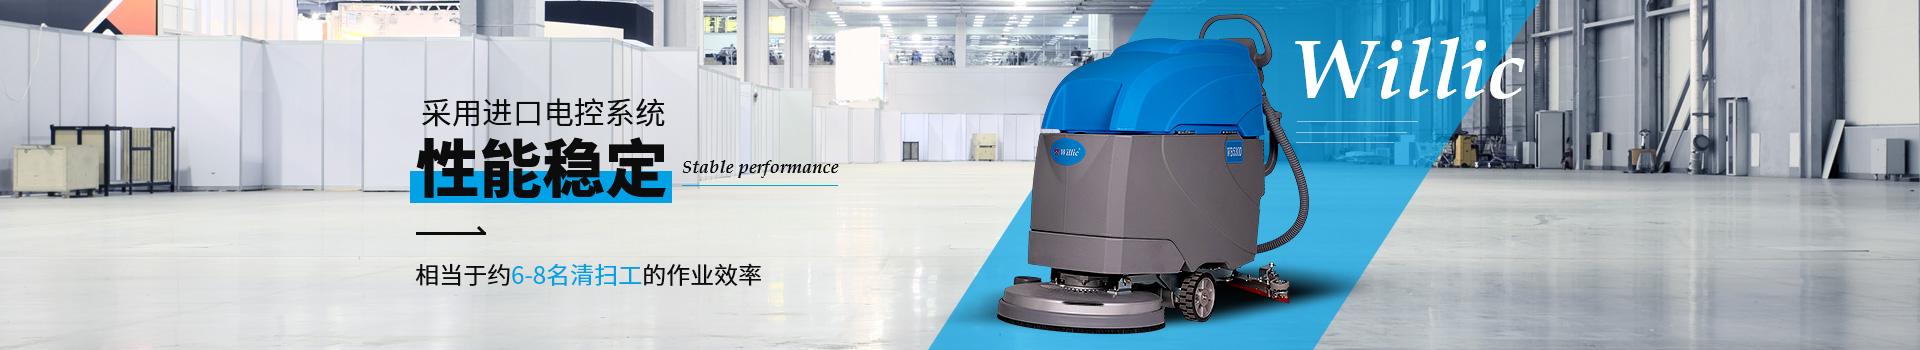 威立洁willic洗地机采用进口电控系统、性能稳定